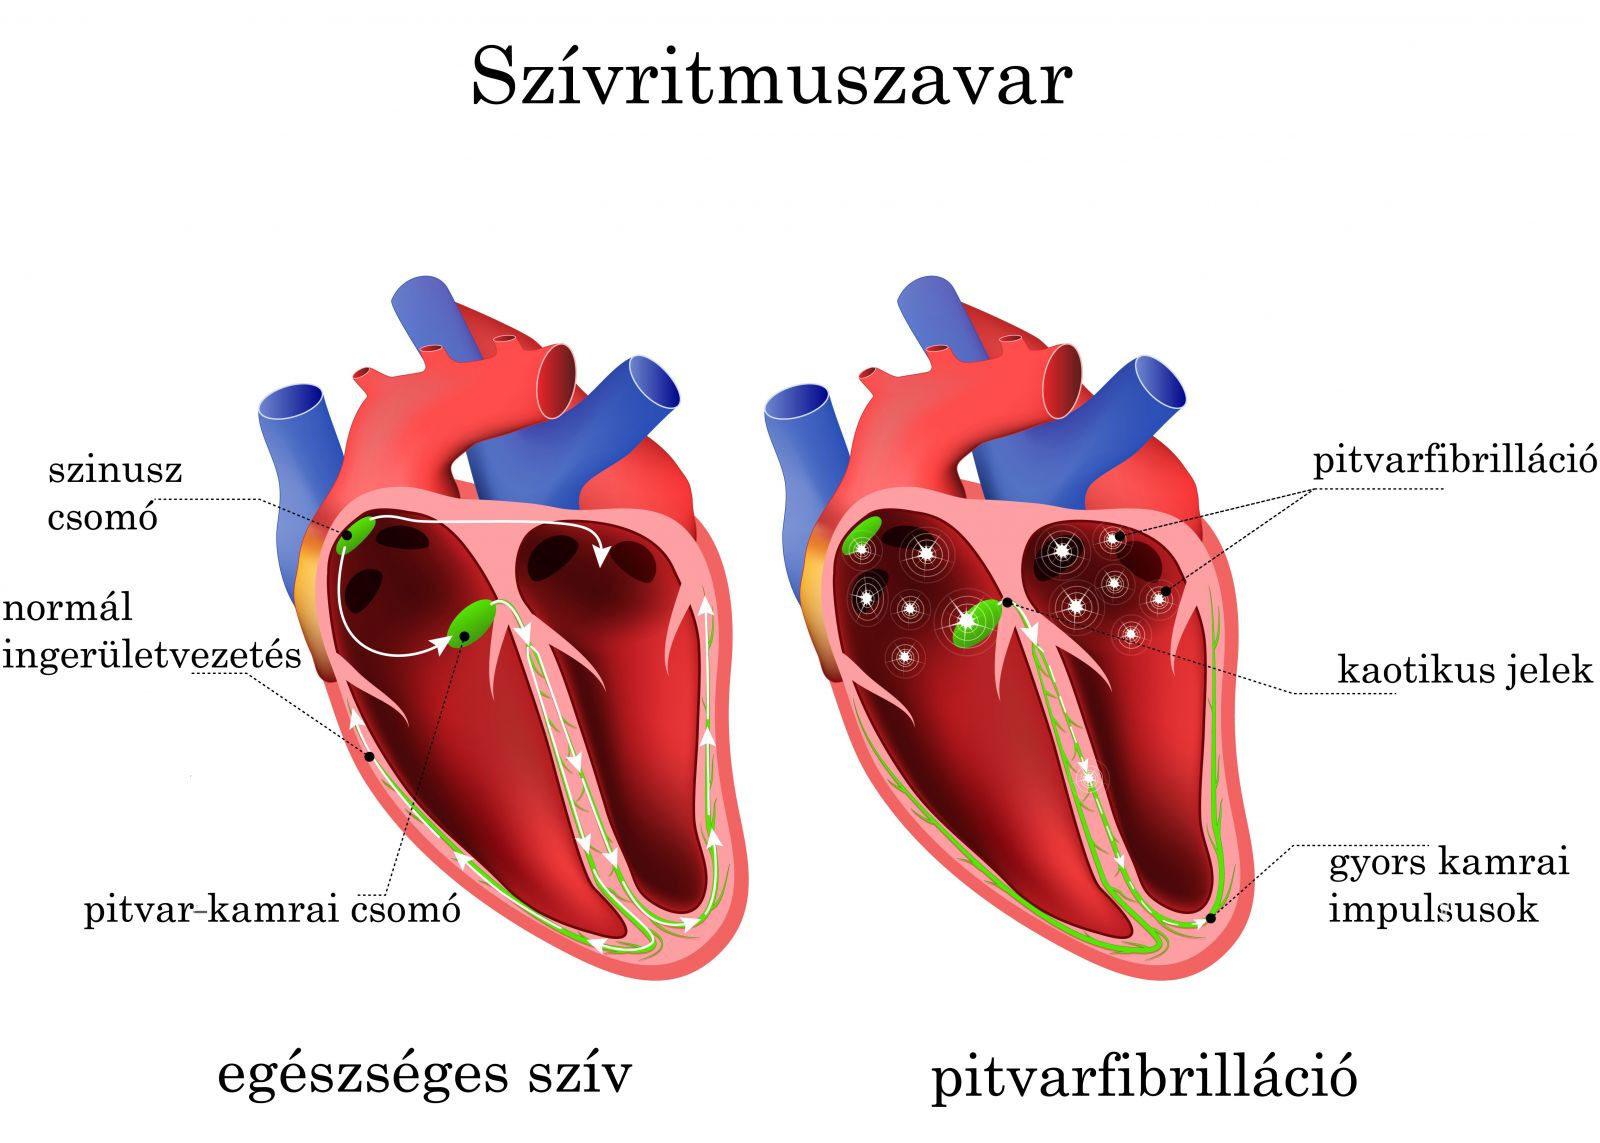 aritmia tachycardia magas vérnyomás